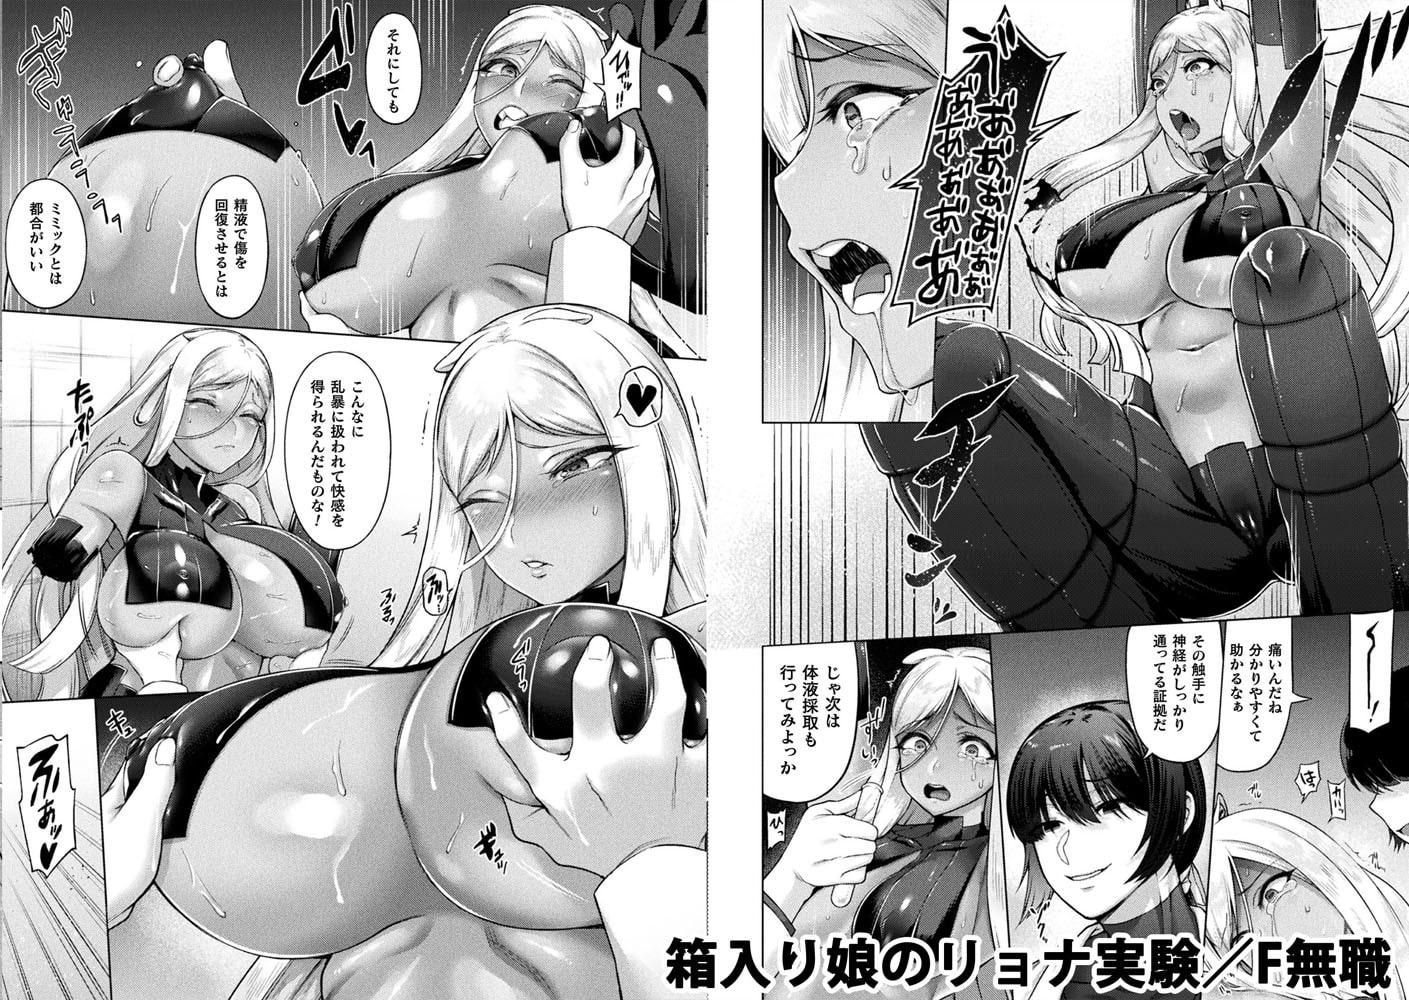 別冊コミックアンリアル 亜人娘をボコ殴りHデジタル版vol.1~切断編~